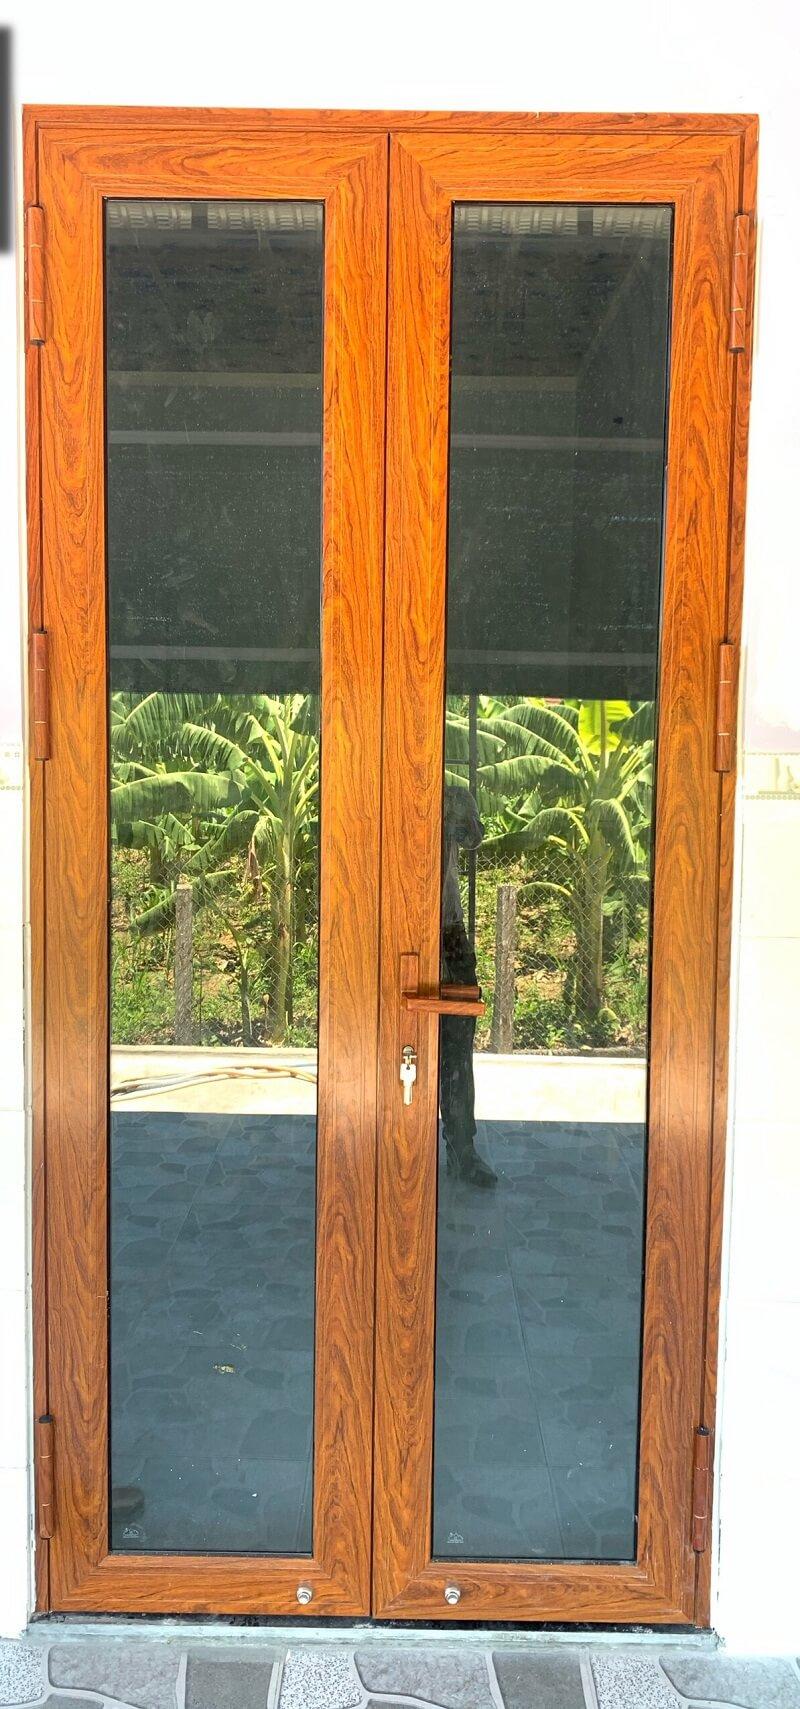 Mẫu cửa đi nhôm EuroVN 2 cánh giả gỗ